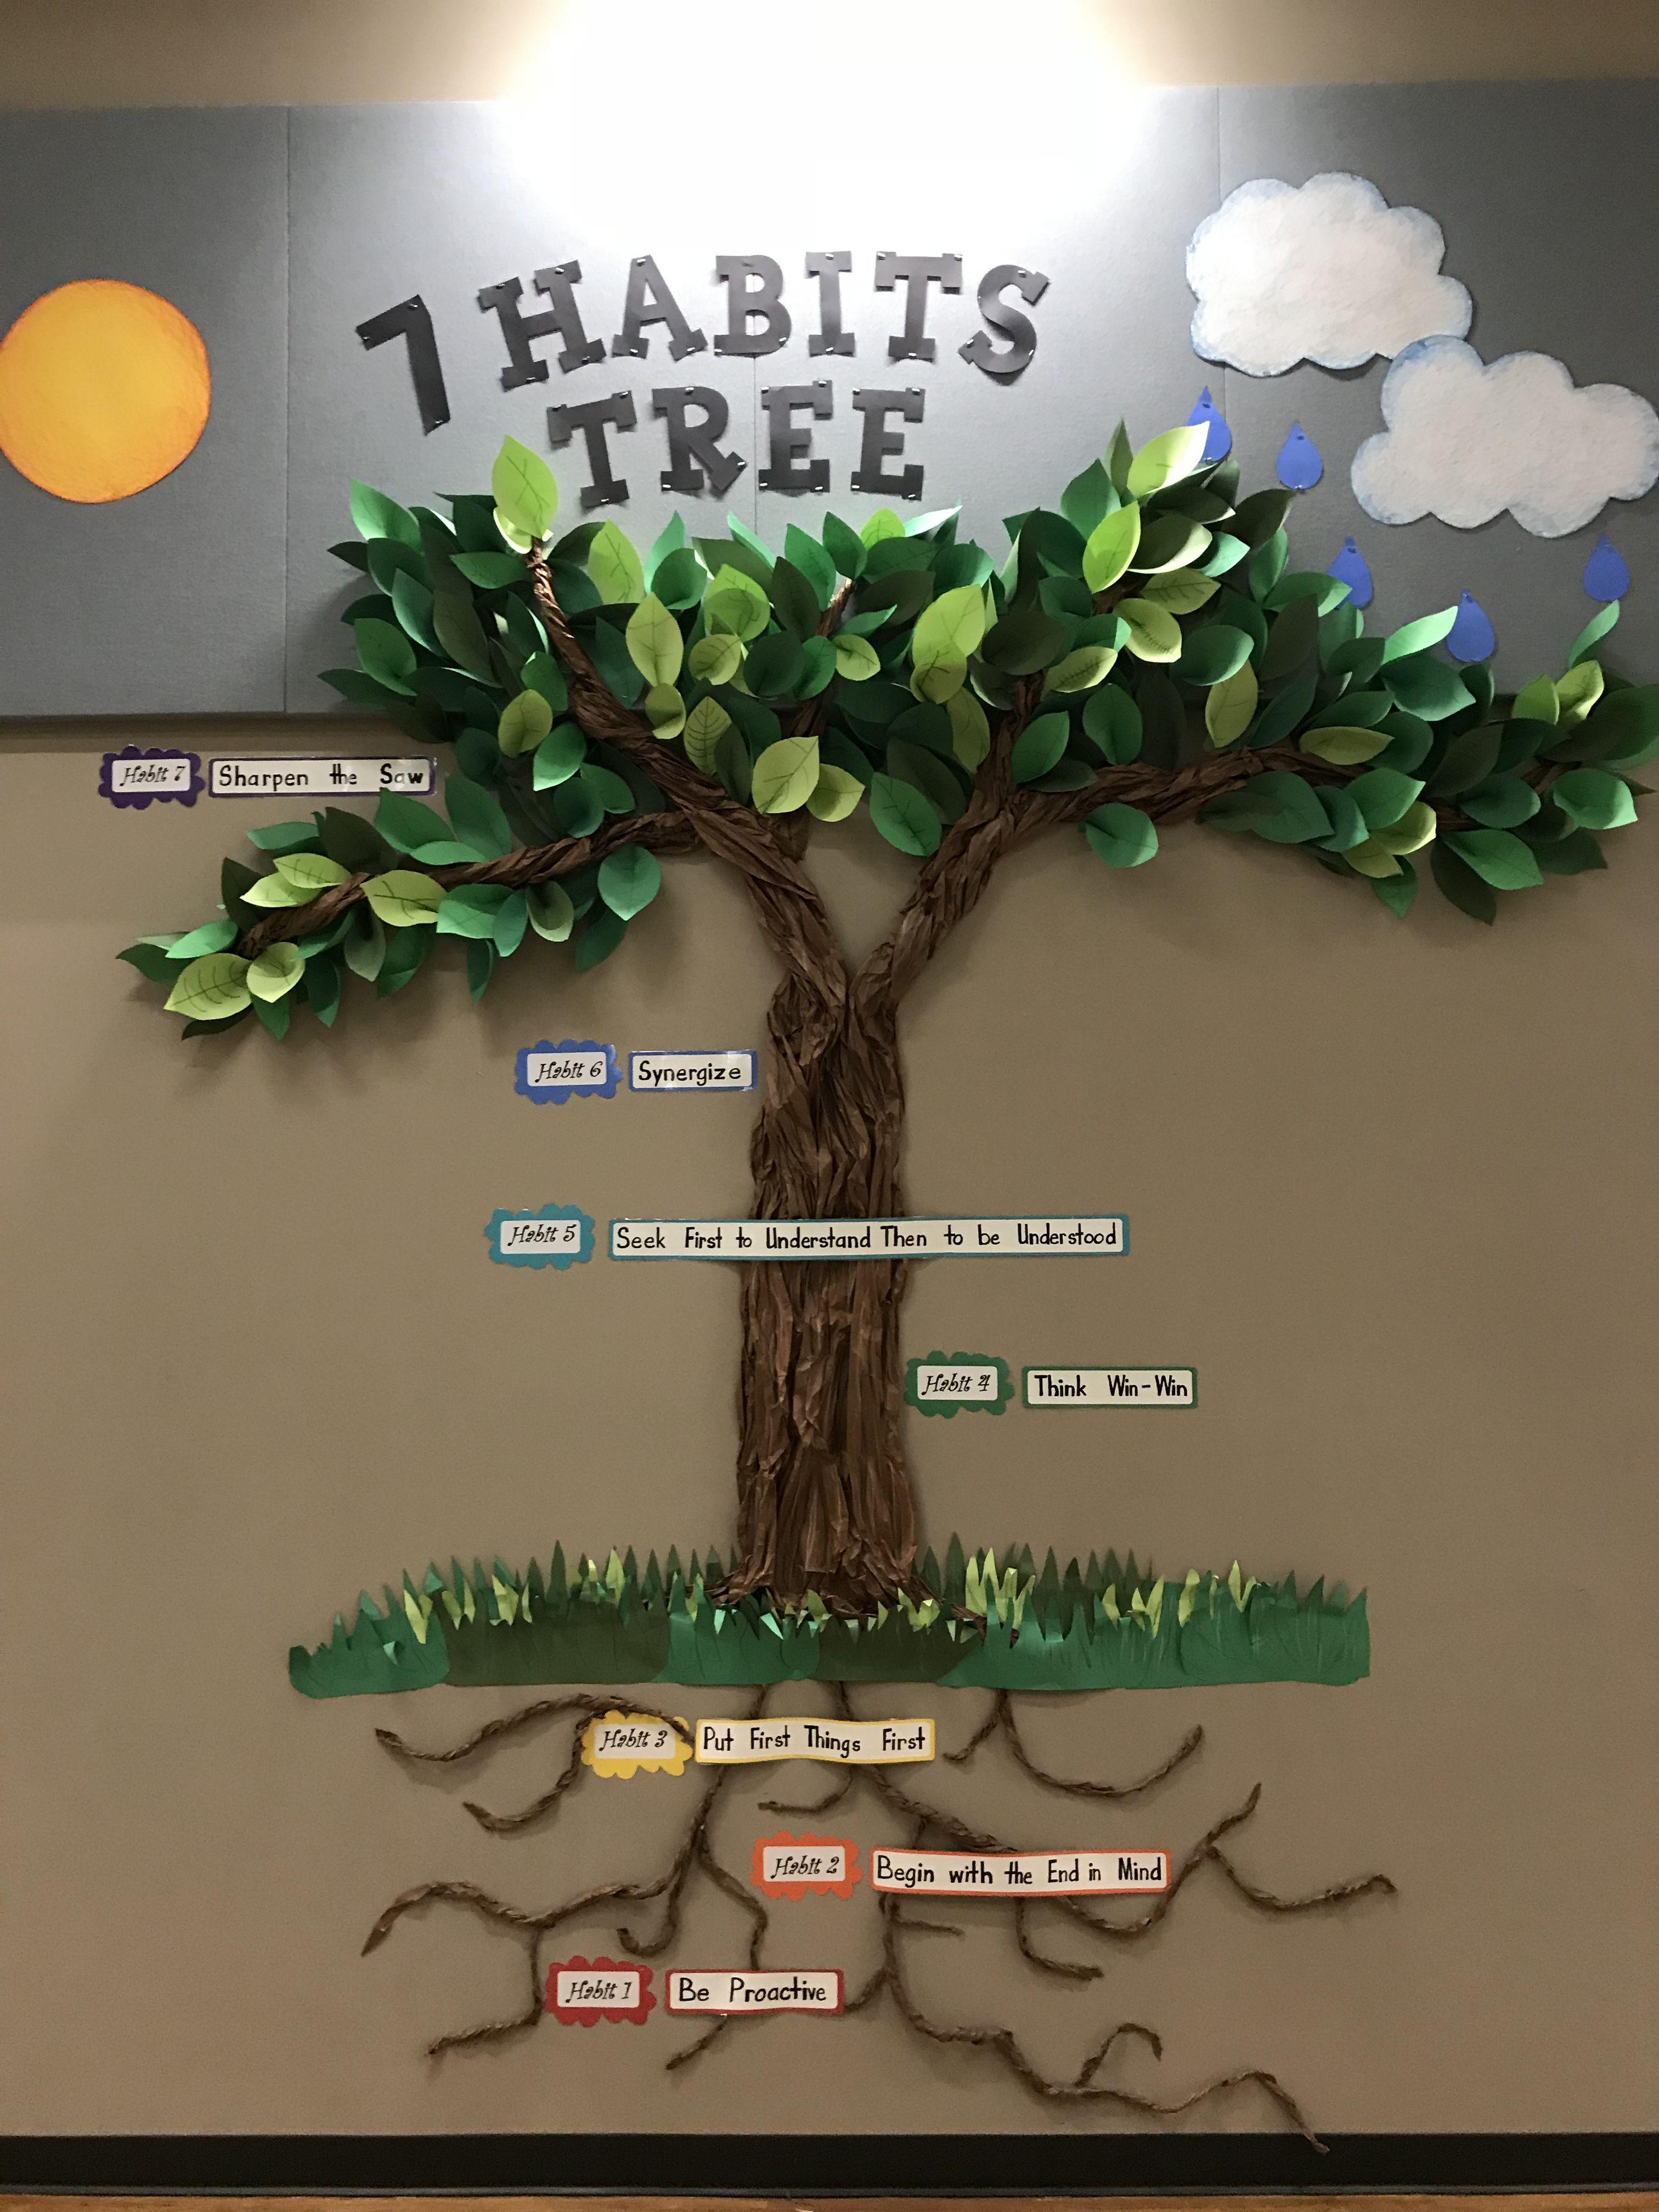 Leader In Me 7 Habits Tree Display